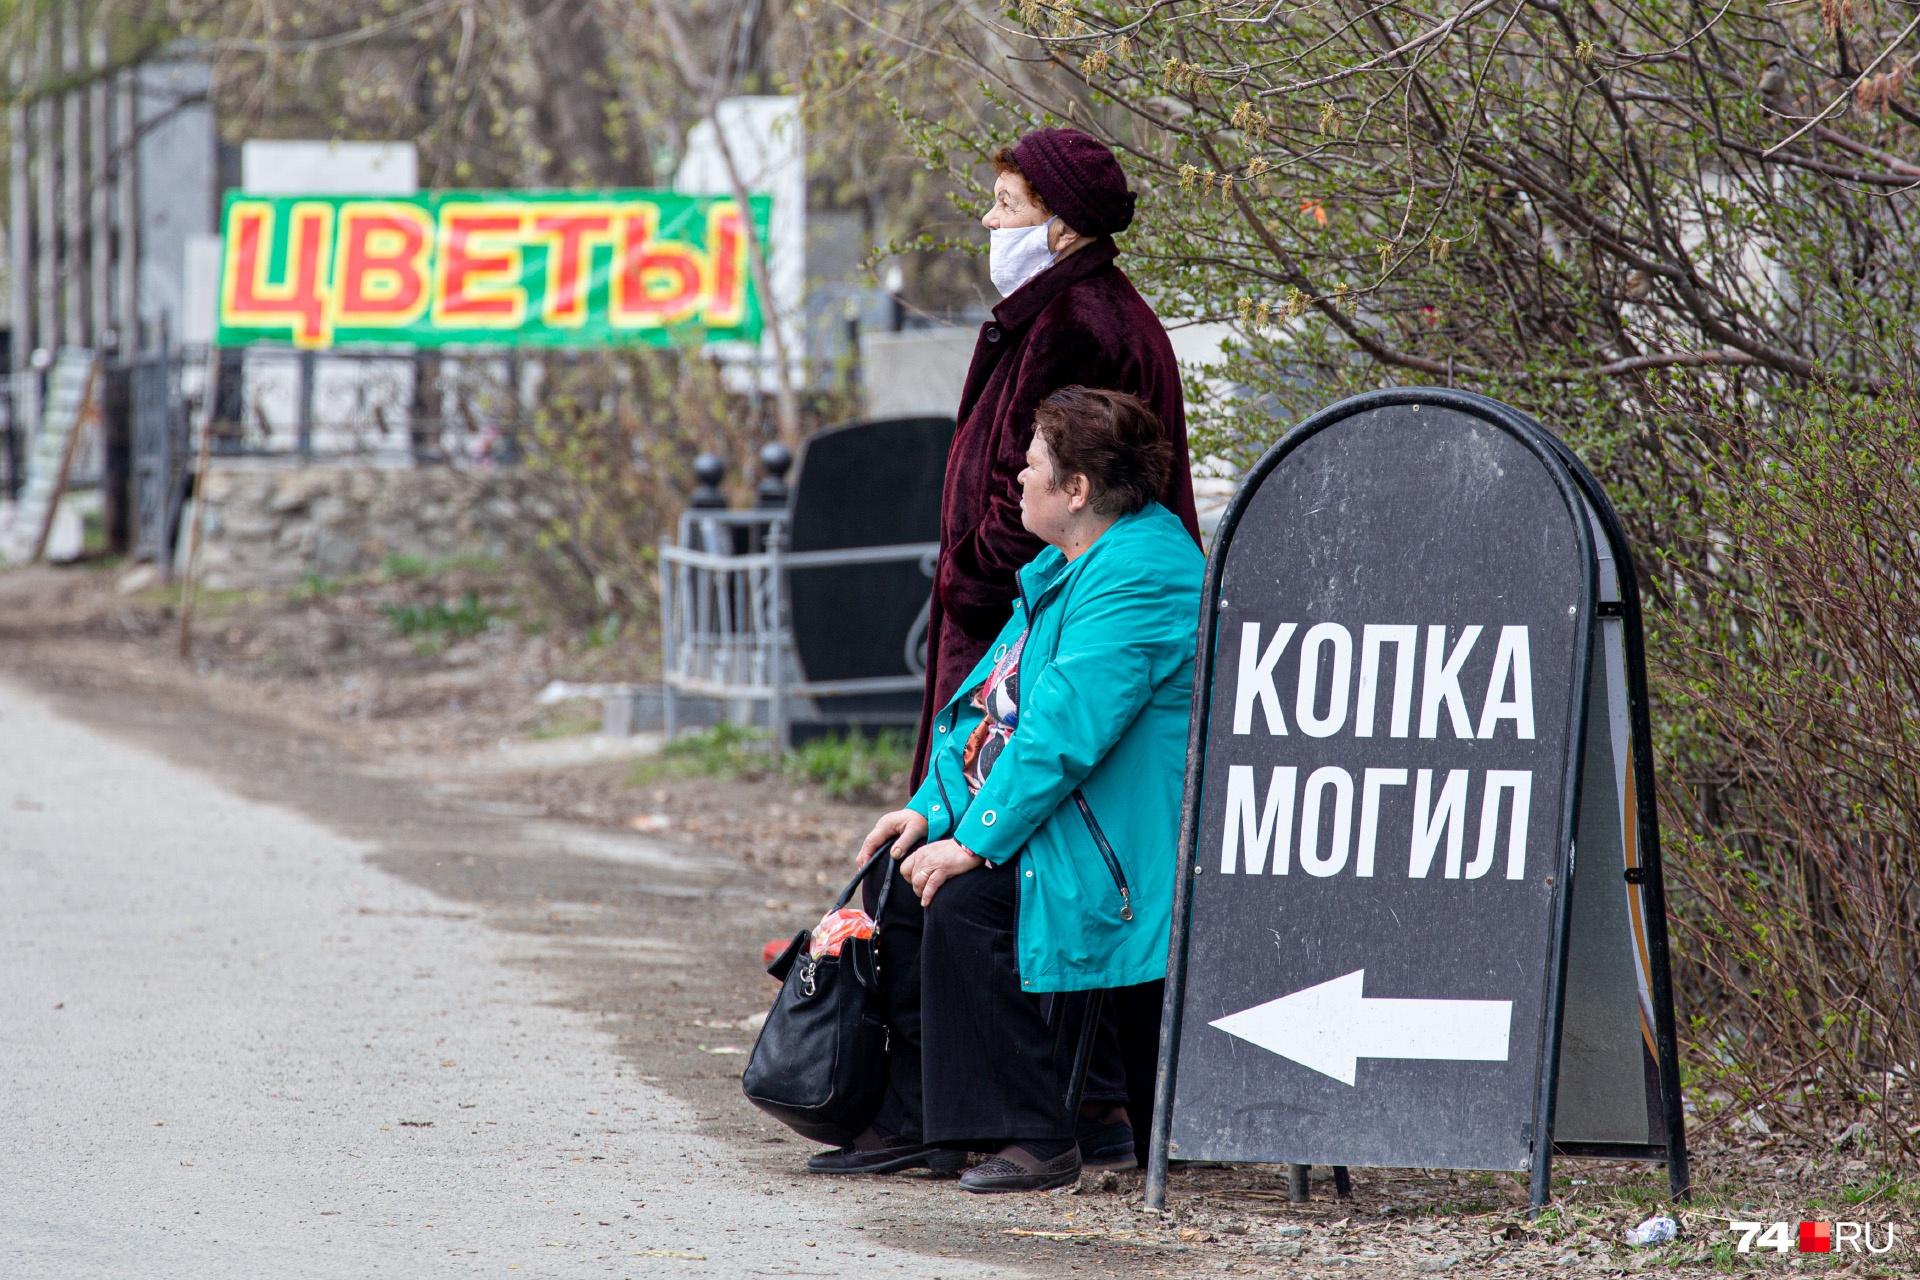 Формально в Челябинске кладбища открыты только для погребения